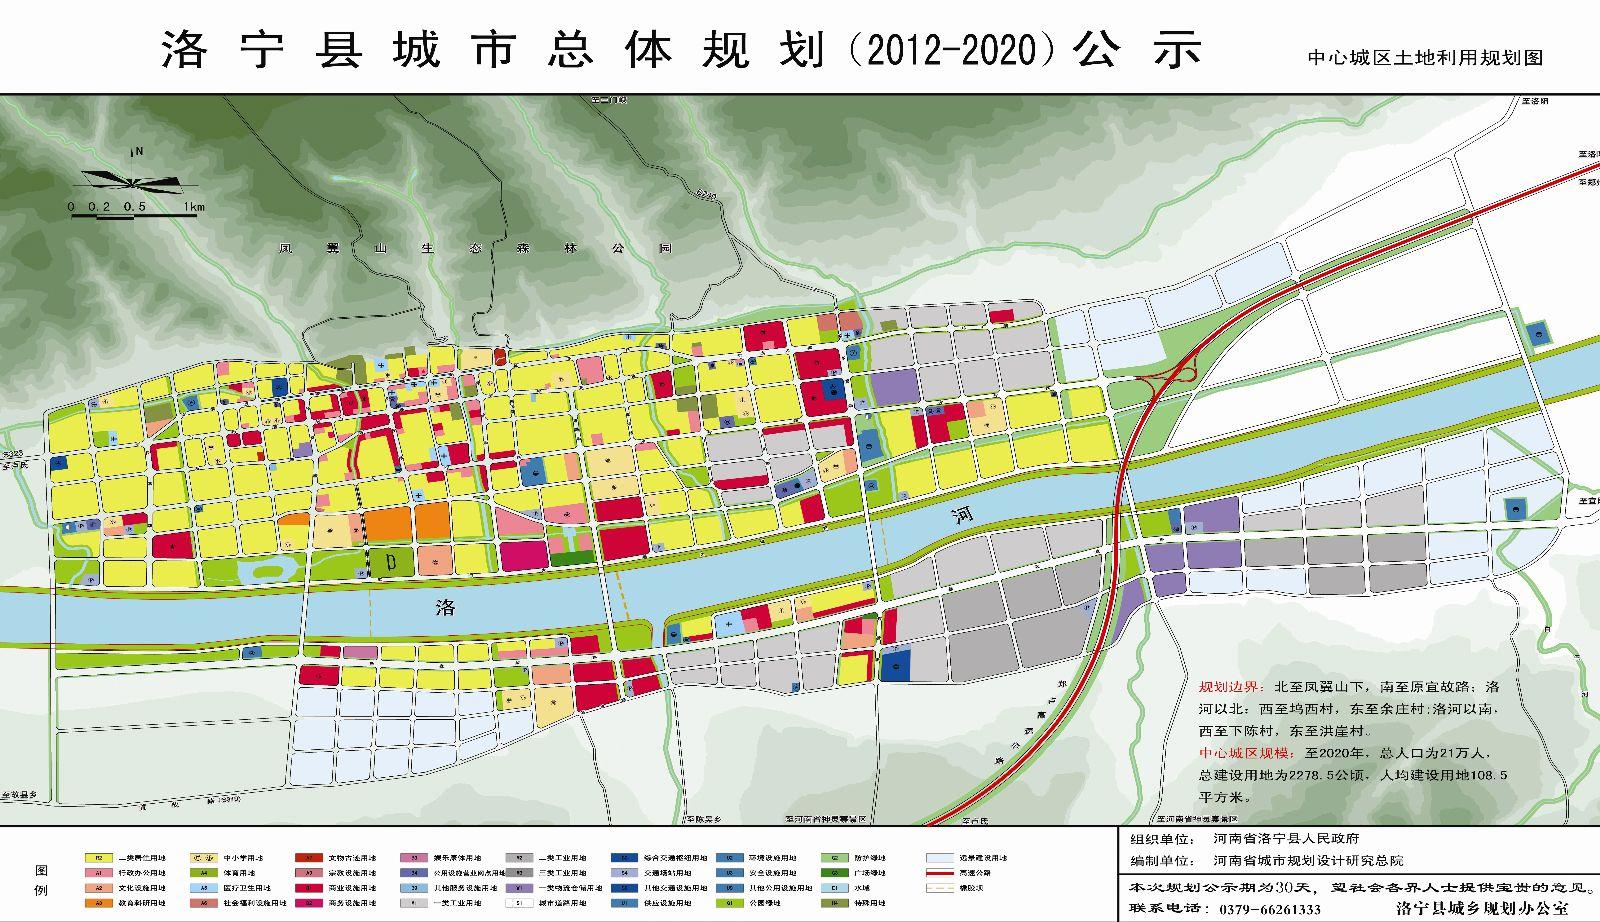 洛宁县城市总规划 2012 2020 公示